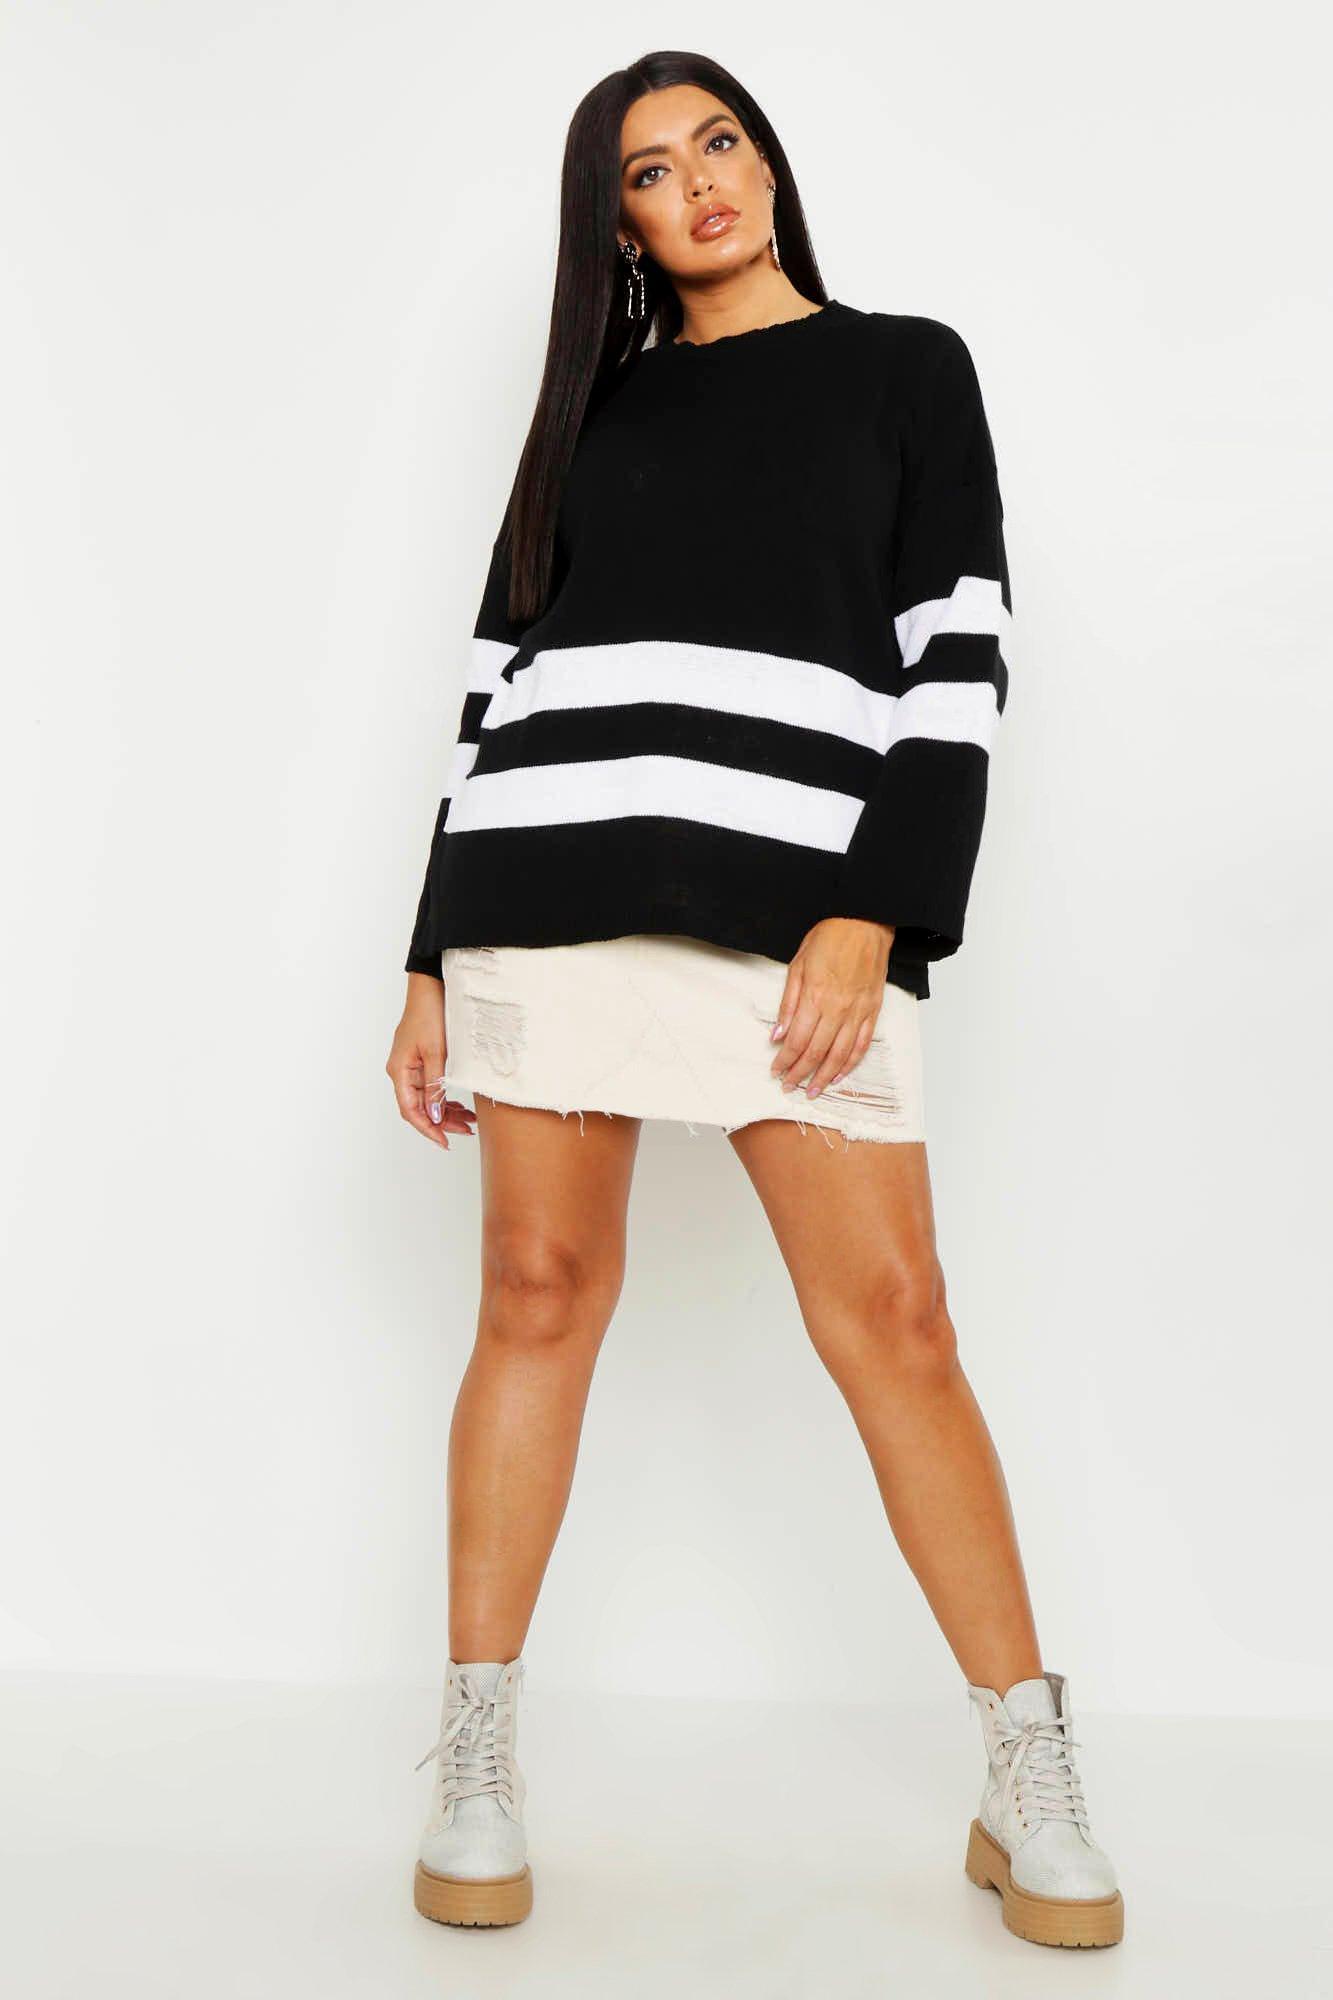 Womens Plus lässiger Oversized Pullover mit Streifen - schwarz - 42, Schwarz - Boohoo.com